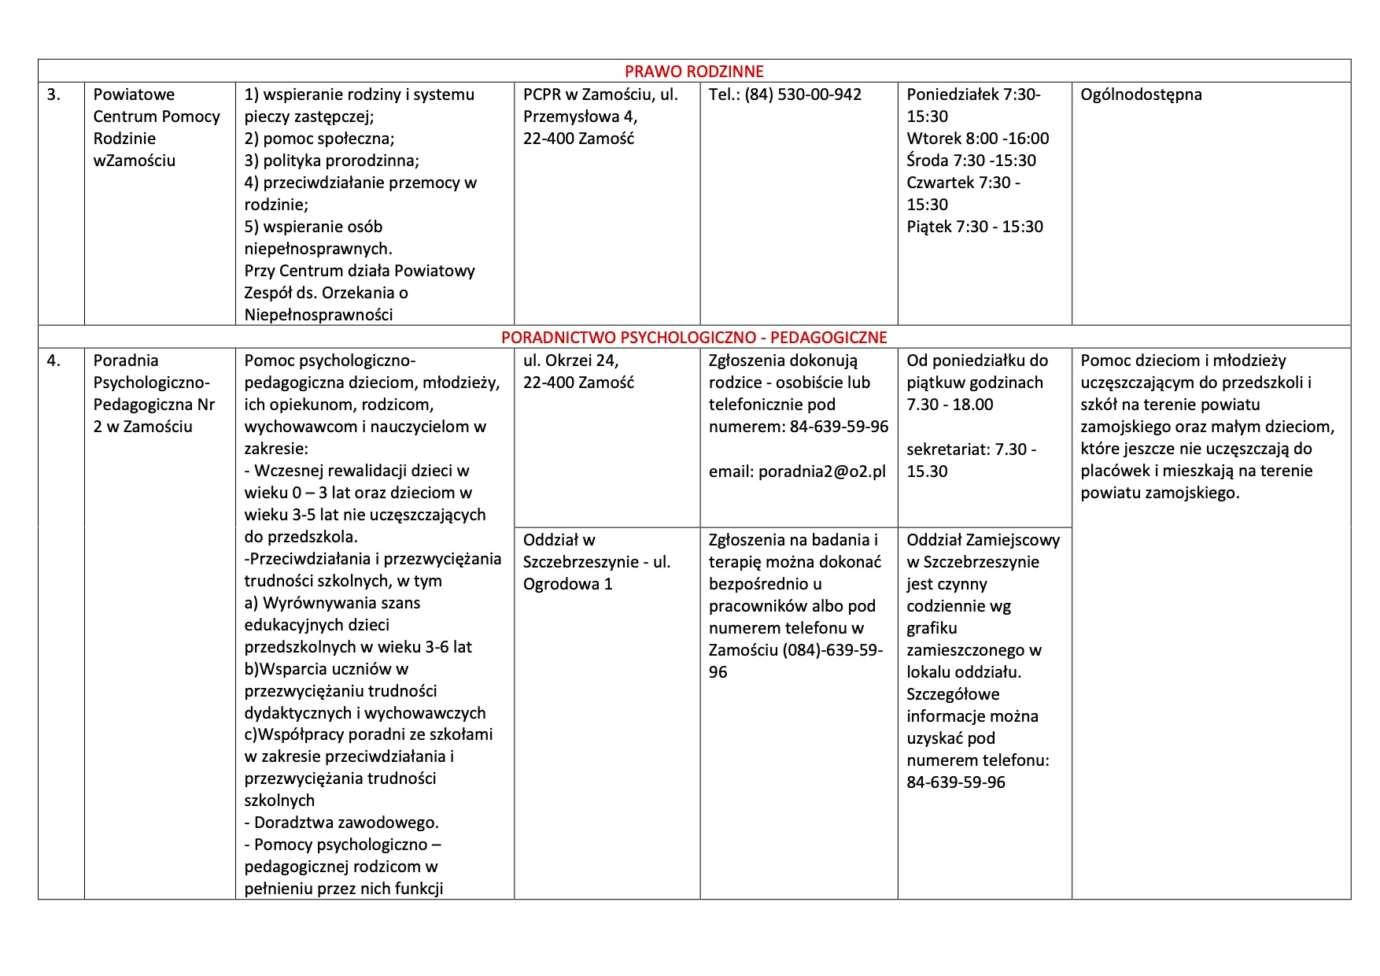 2 Nieodpłatna pomoc prawna i nieodpłatne poradnictwo obywatelskie na terenie Powiatu Zamojskiego w 2020 roku